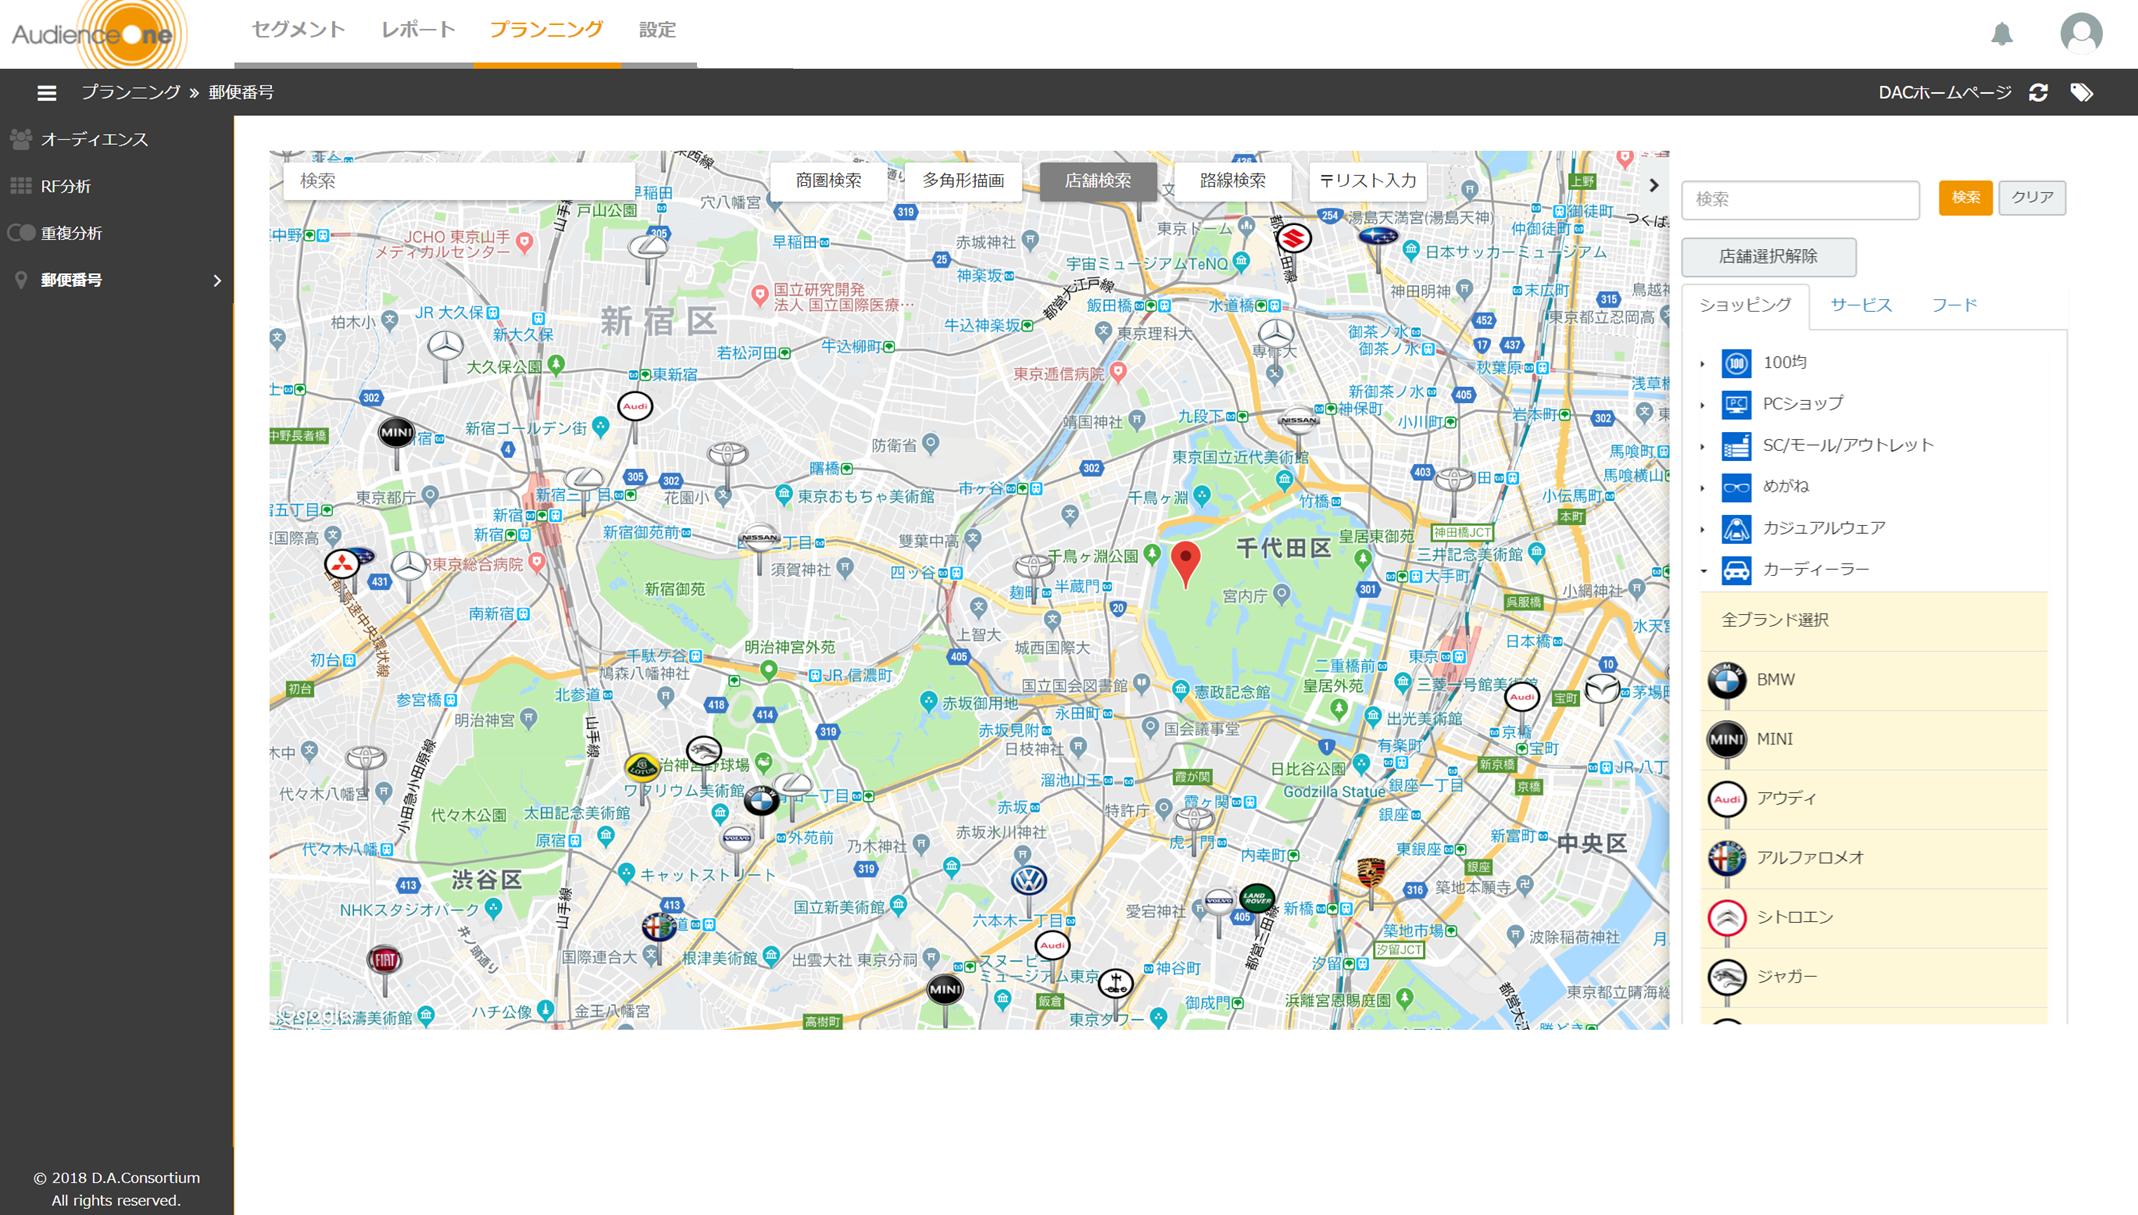 aone-location-segment-image3